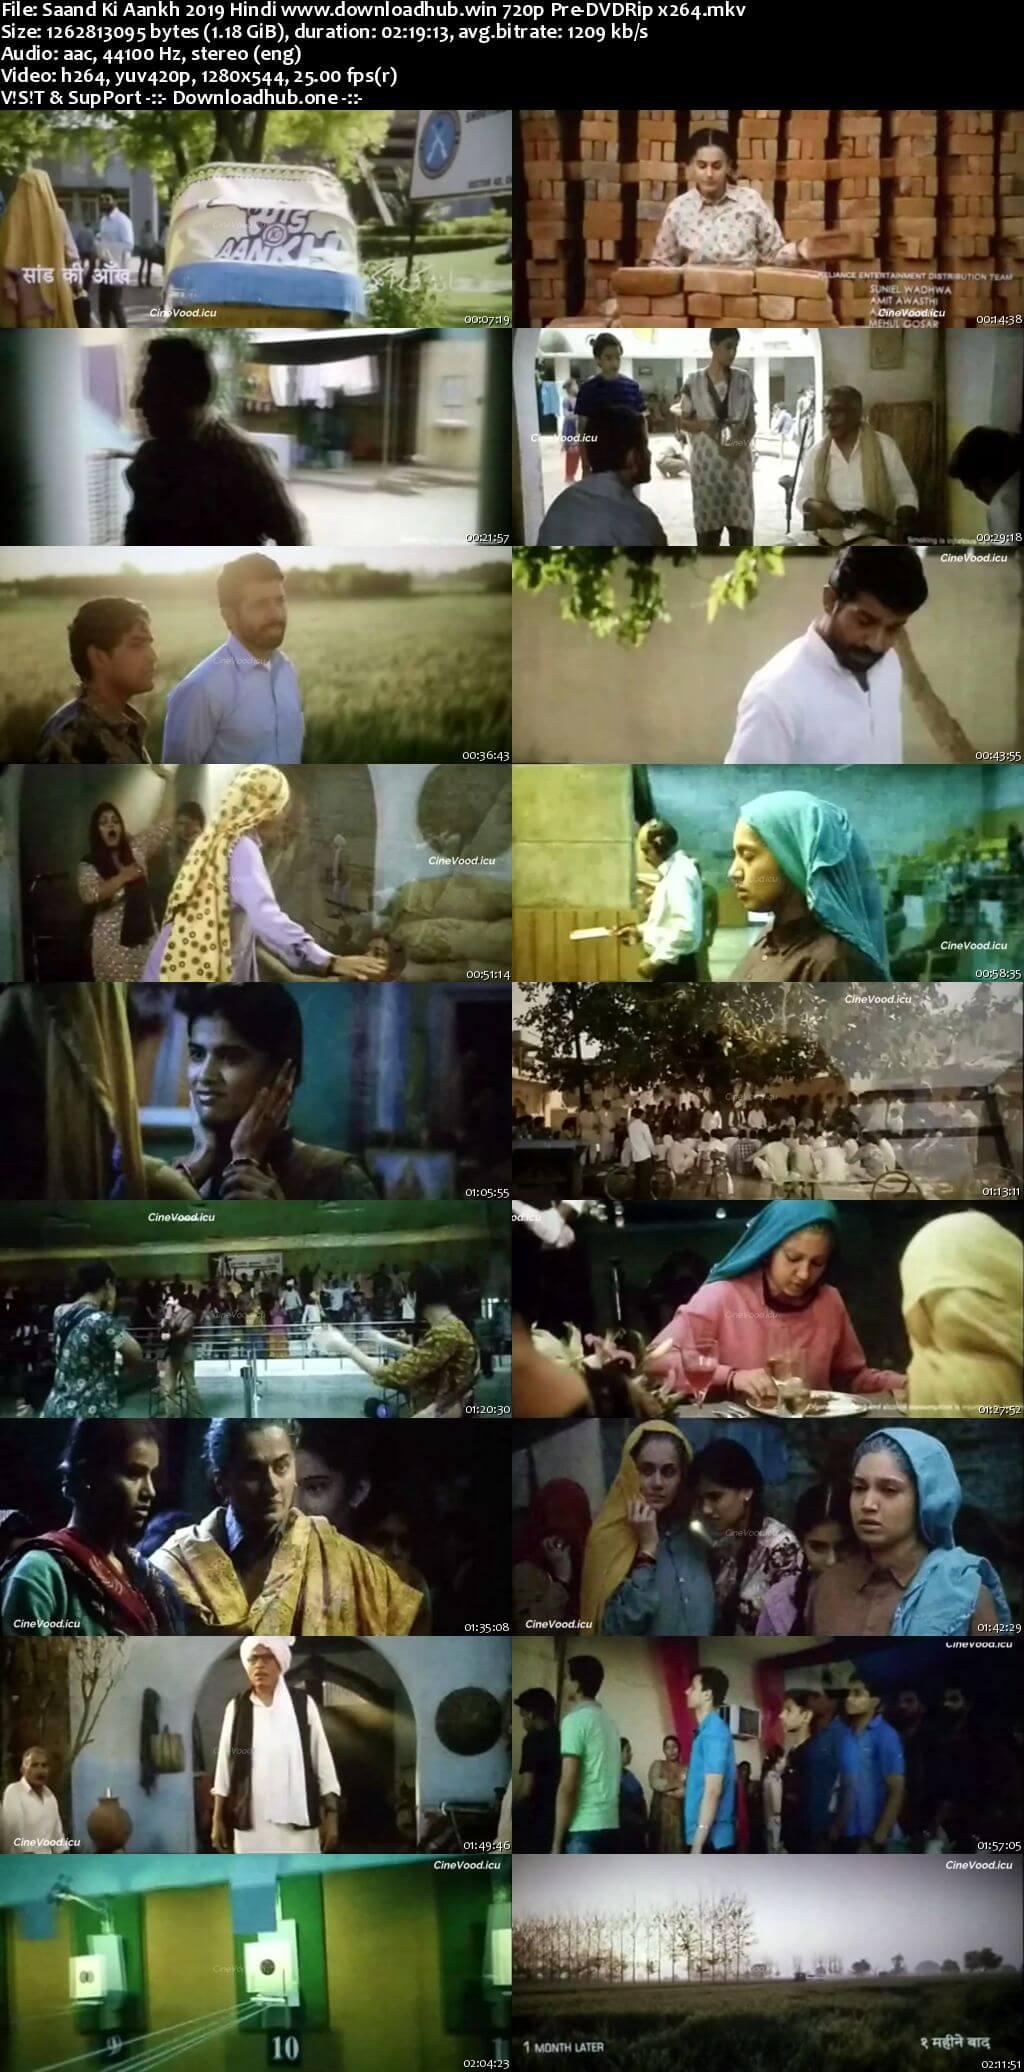 Saand Ki Aankh 2019 Hindi 720p 480p Pre-DVDRip x264